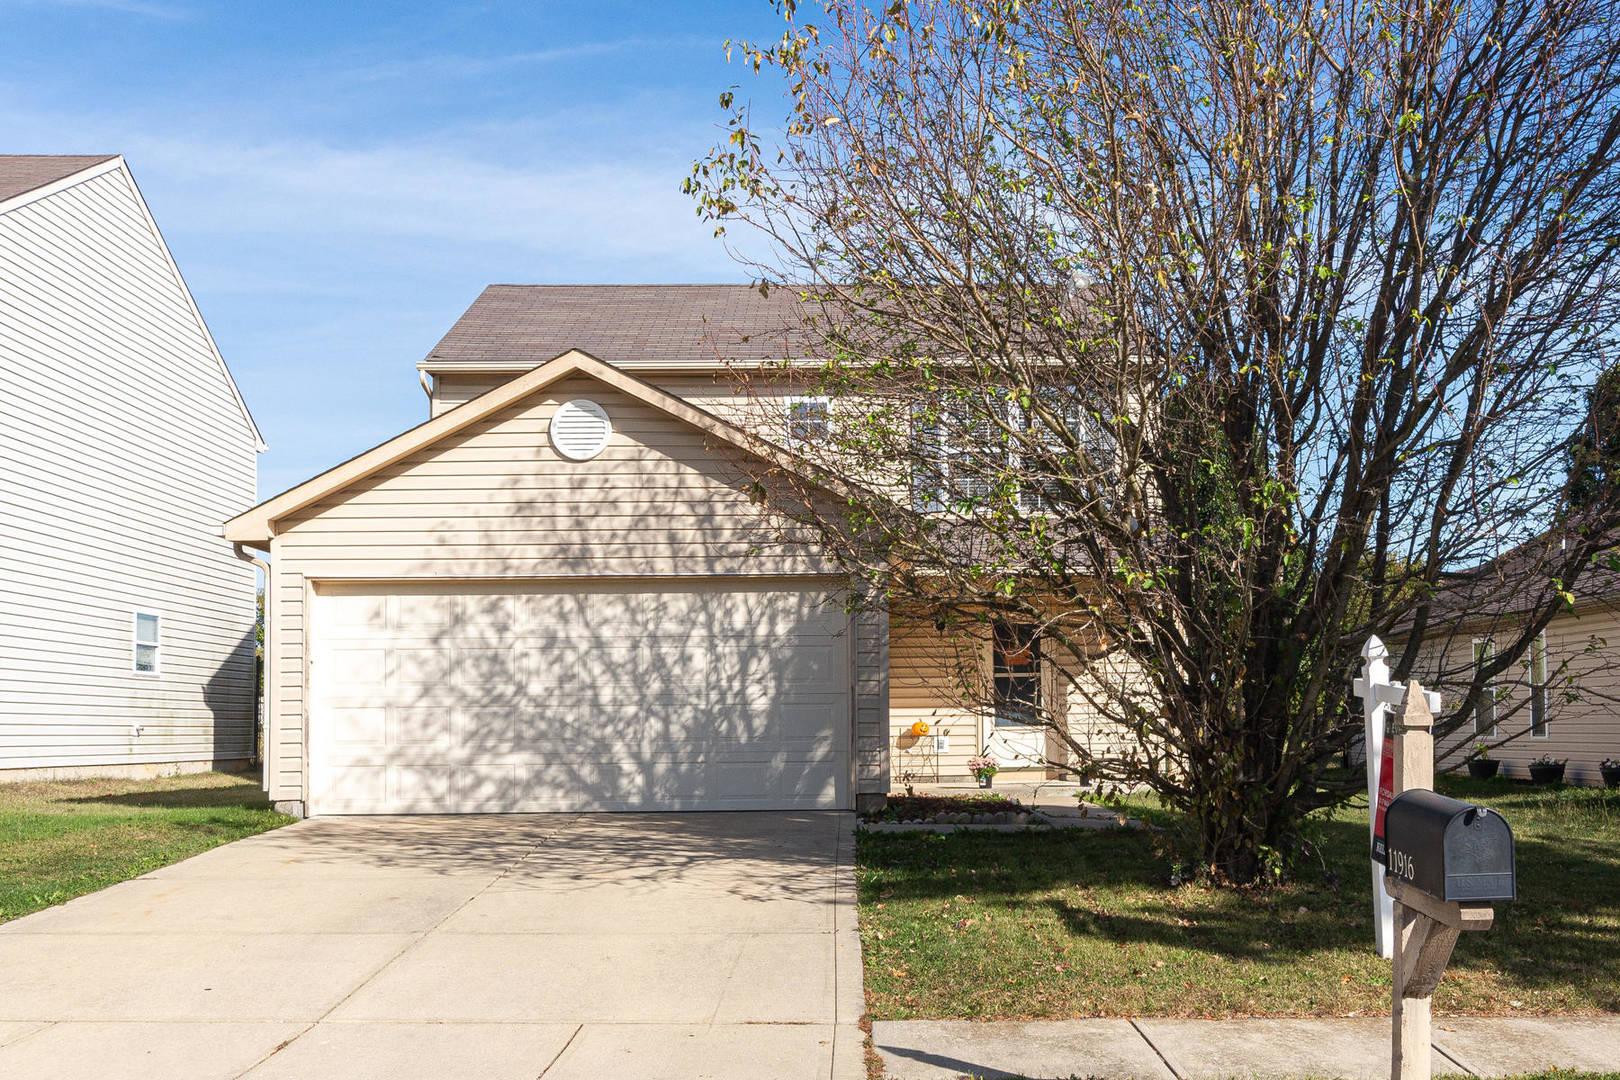 11916 Locus Ln. Noblesville, IN 46060